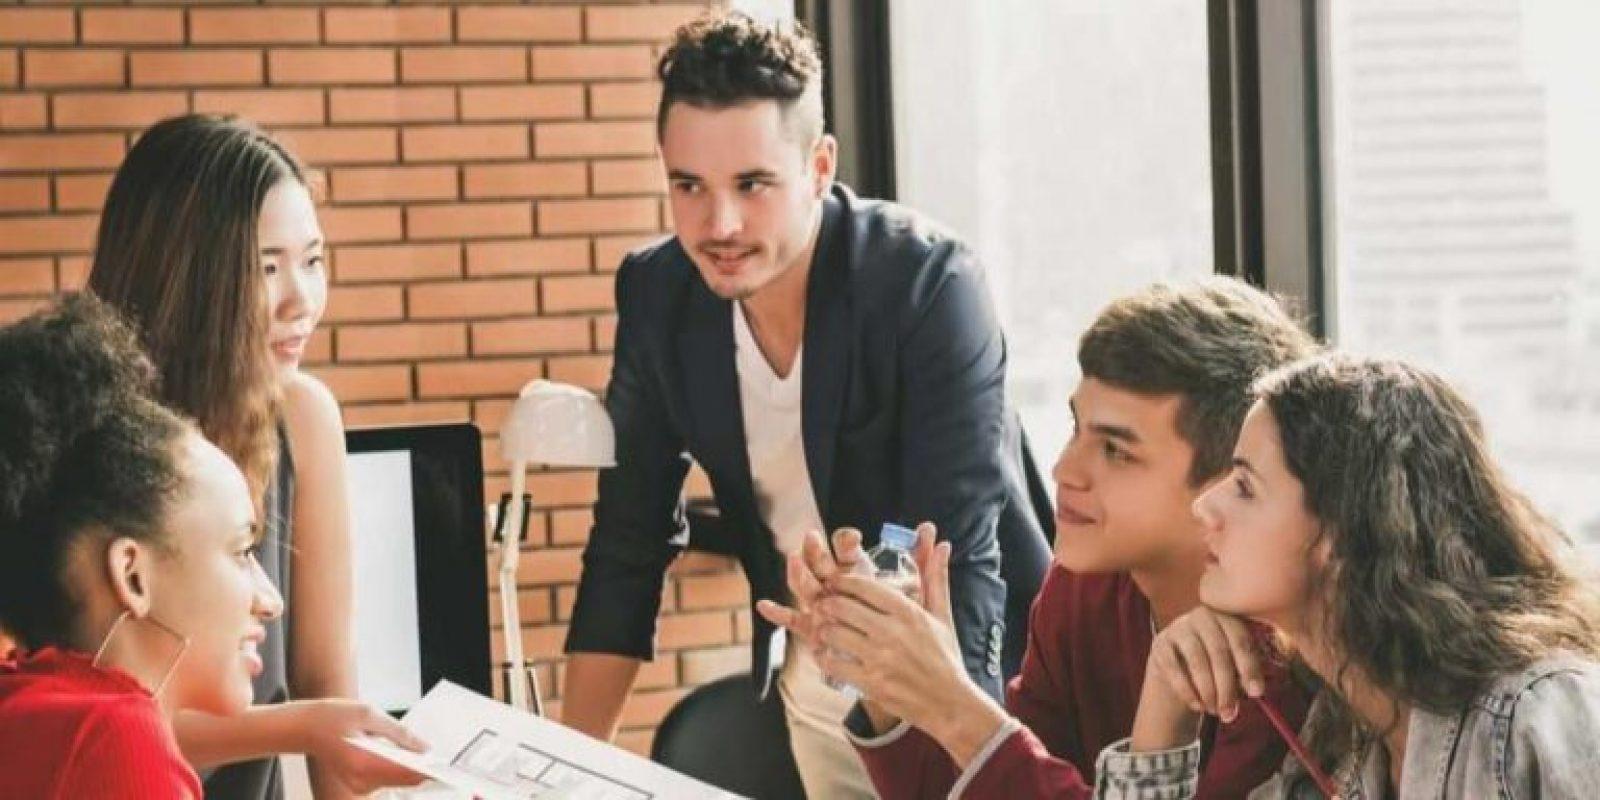 Una vera sfida per le aziende che vogliono essere competitive